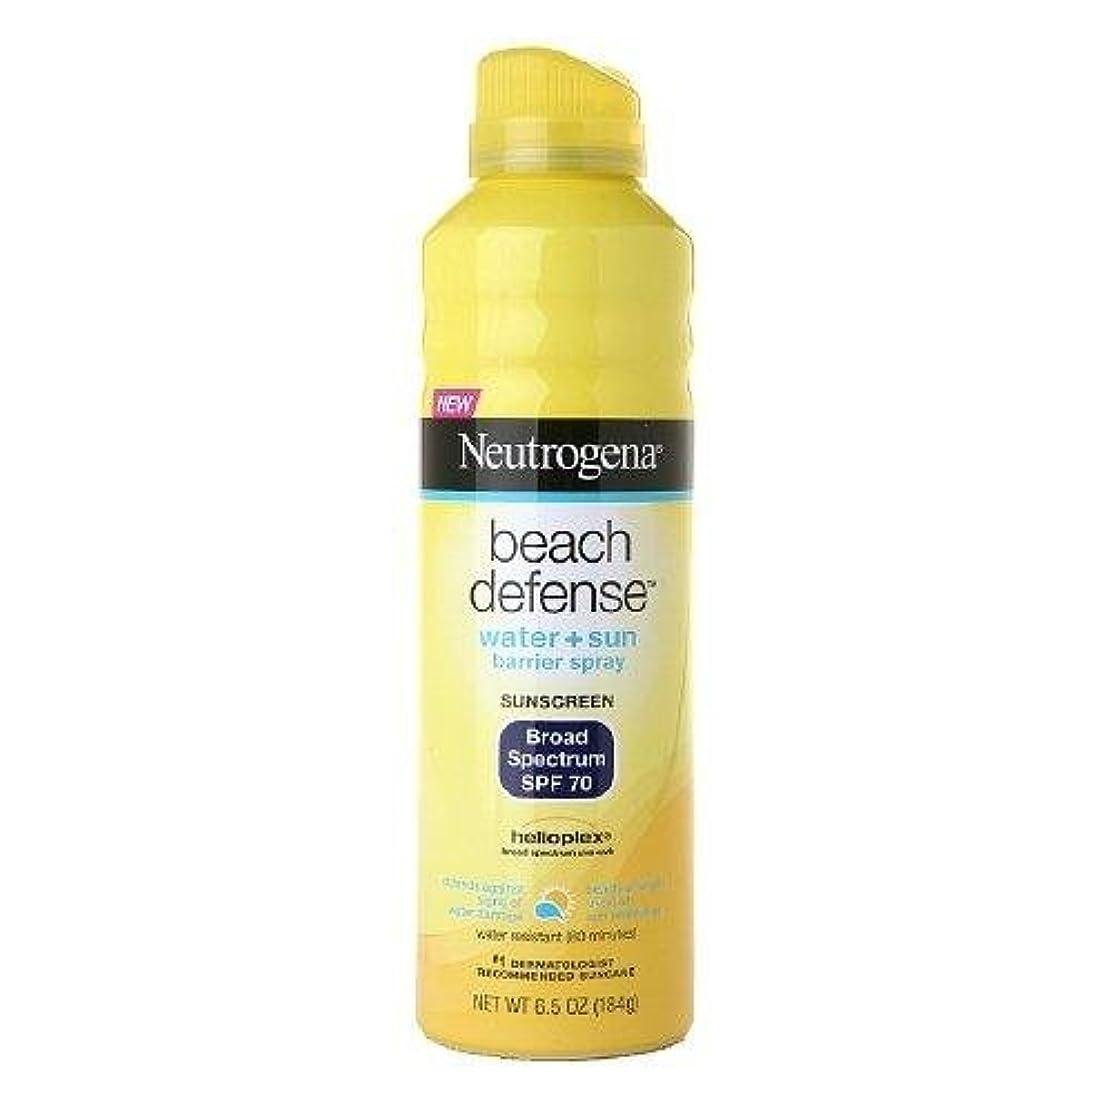 【海外直送品】 ニュートロジーナ 皮膚科推薦 日焼け止めスプレー SPF70 184g  Neutrogena Beach Defense Broad Spectrum Sunscreen Spray, SPF 70,...